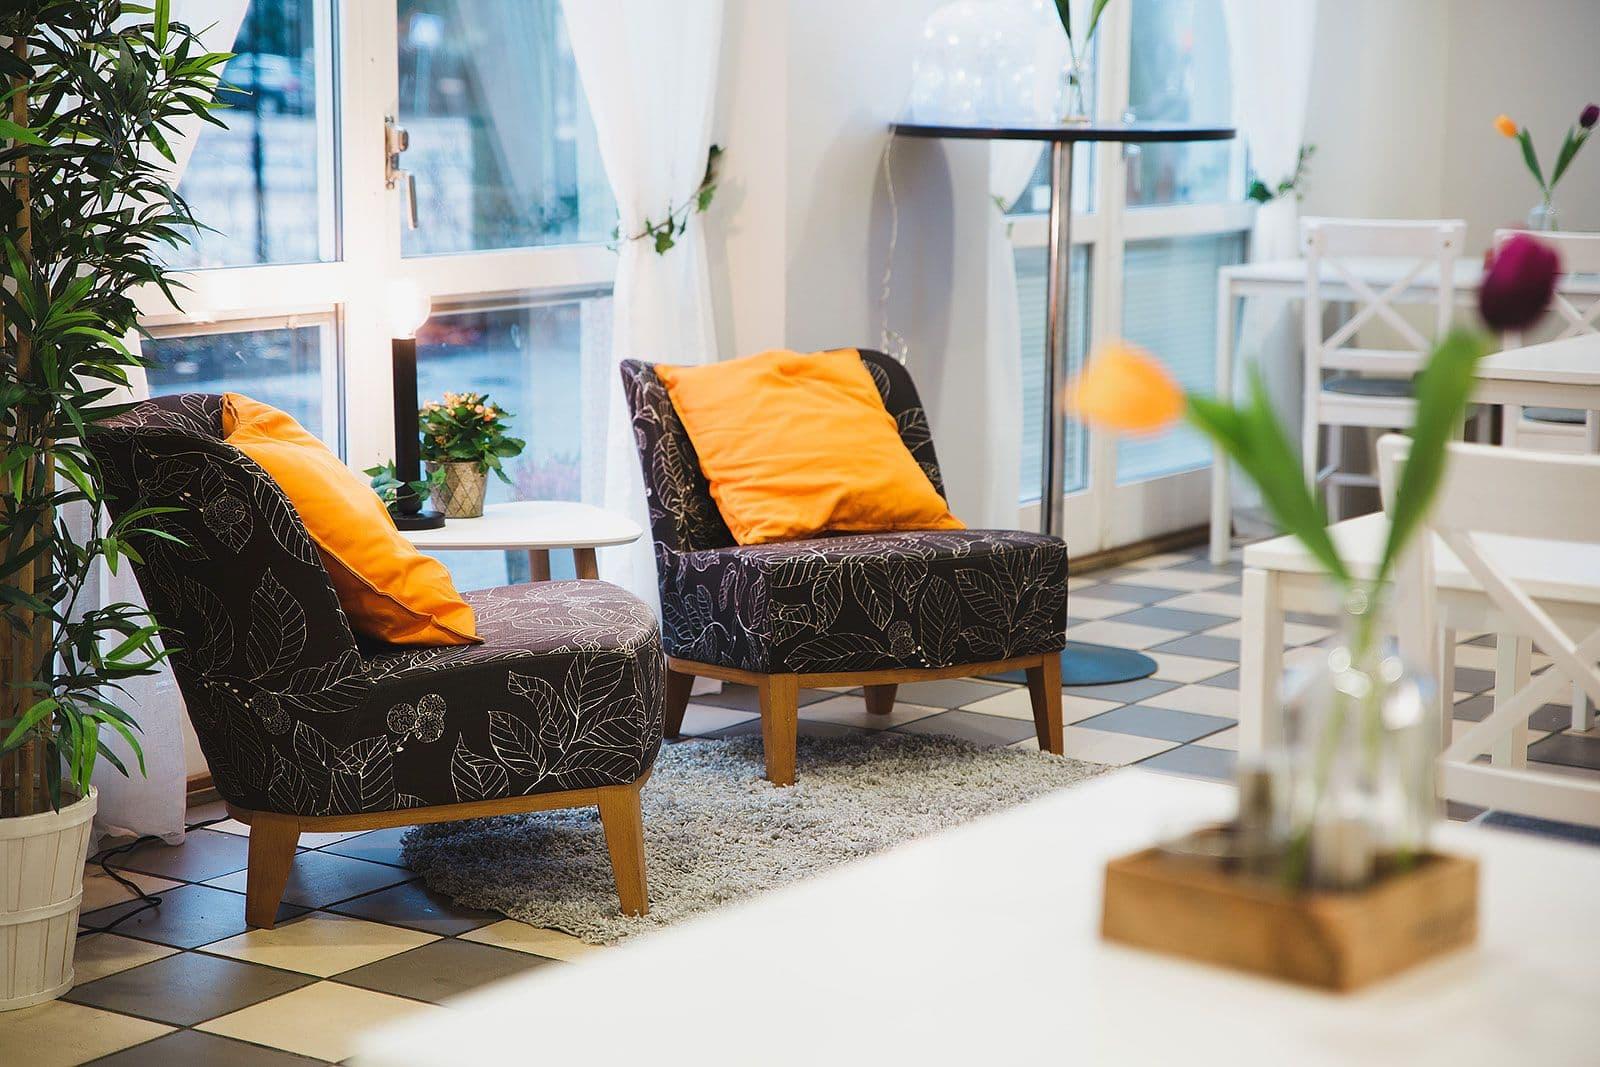 Välinarbetat café' i centrala Stockholm